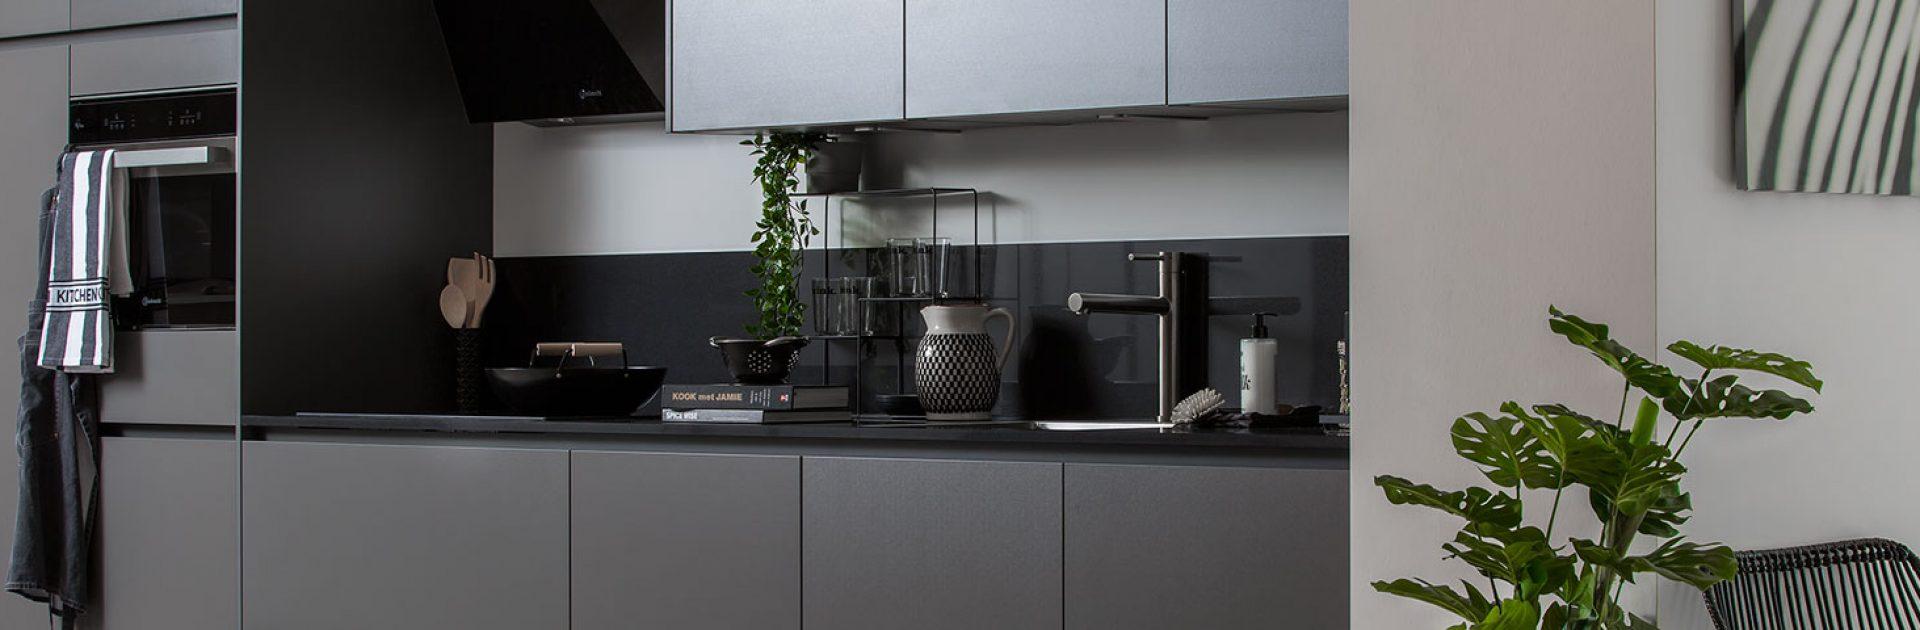 Matte design keuken kopen | Eigenhuis Keukens